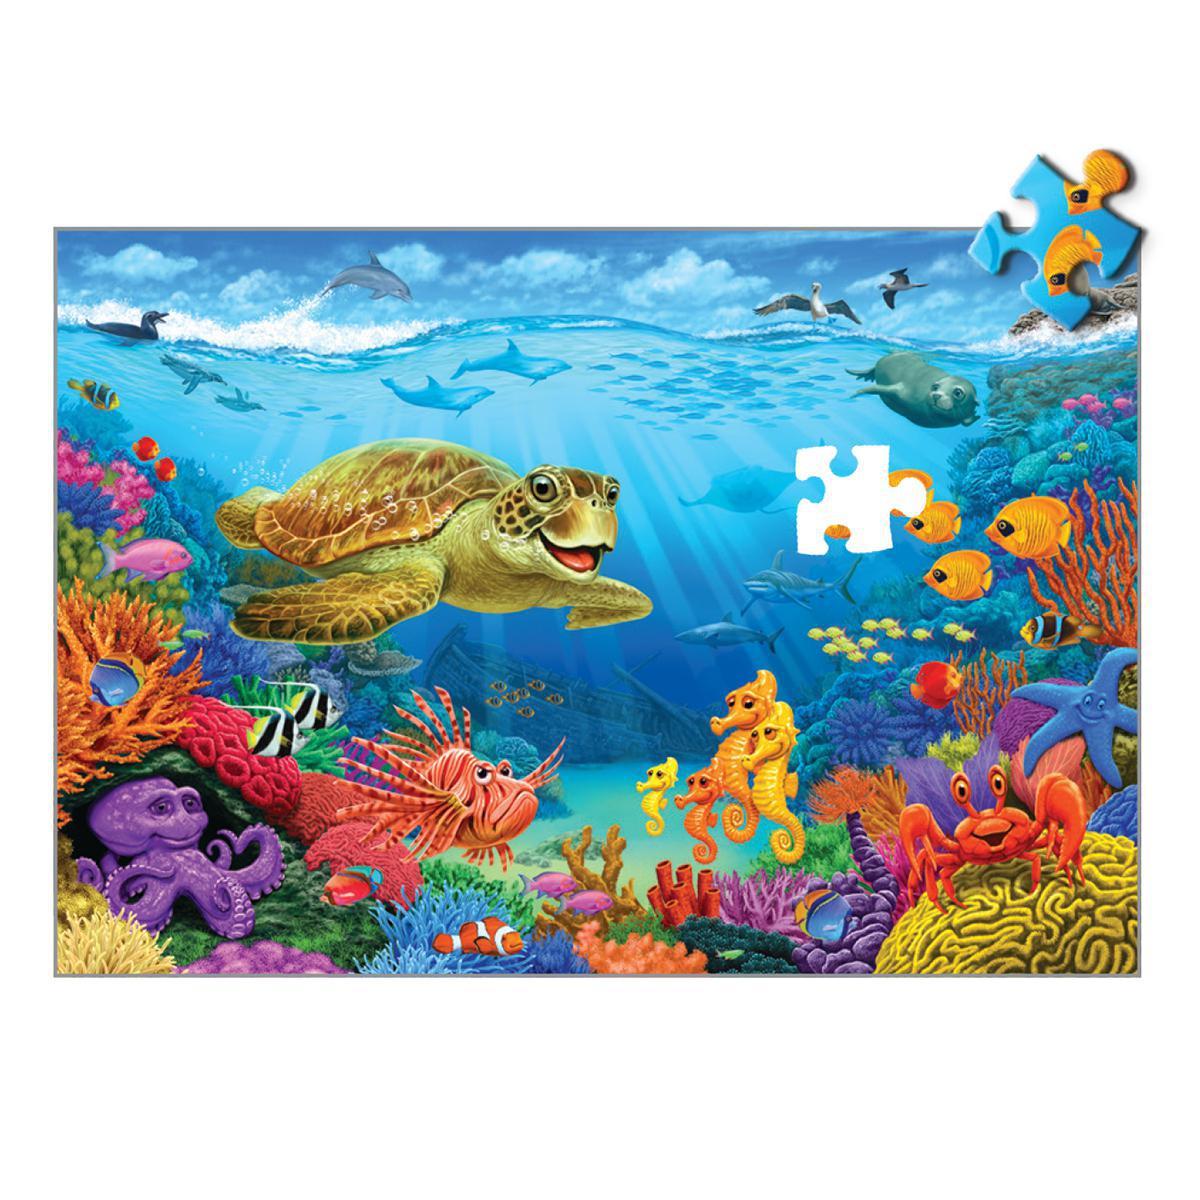 Casse-tête de plancher géant : Monde sous-marin